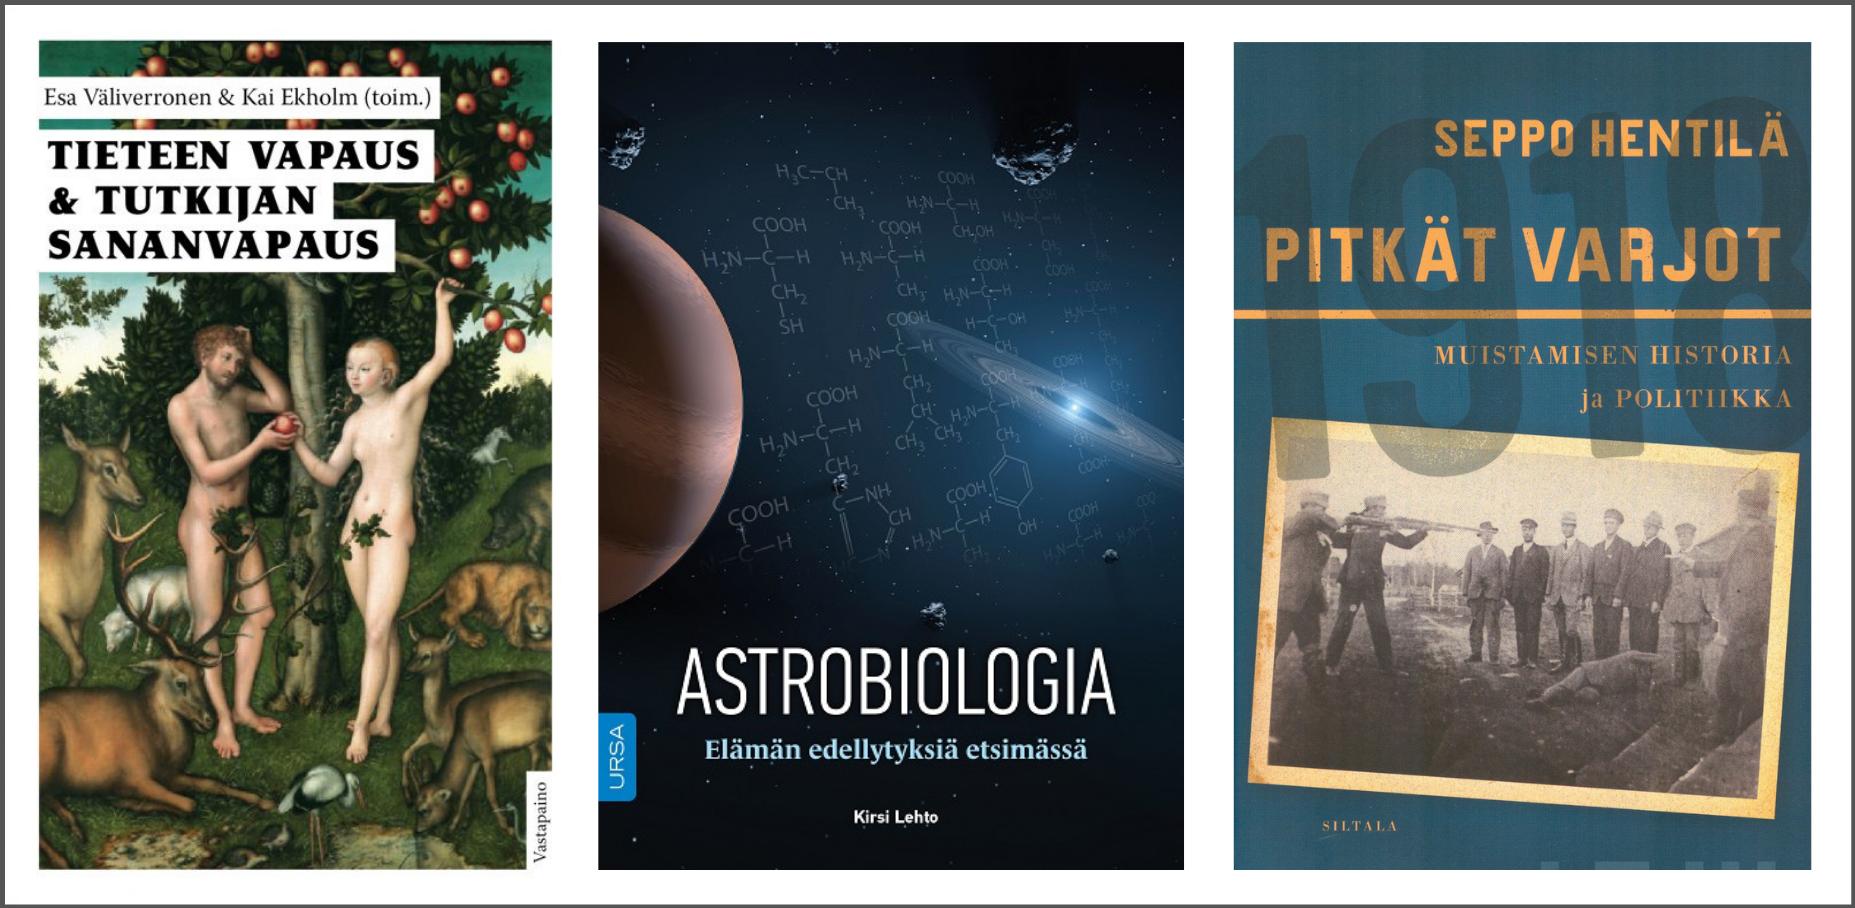 Pärmar på tre böcker: Tieteen vapaus & tutkijan sananvapaus, Astrobiologia och Pitkät varjot.